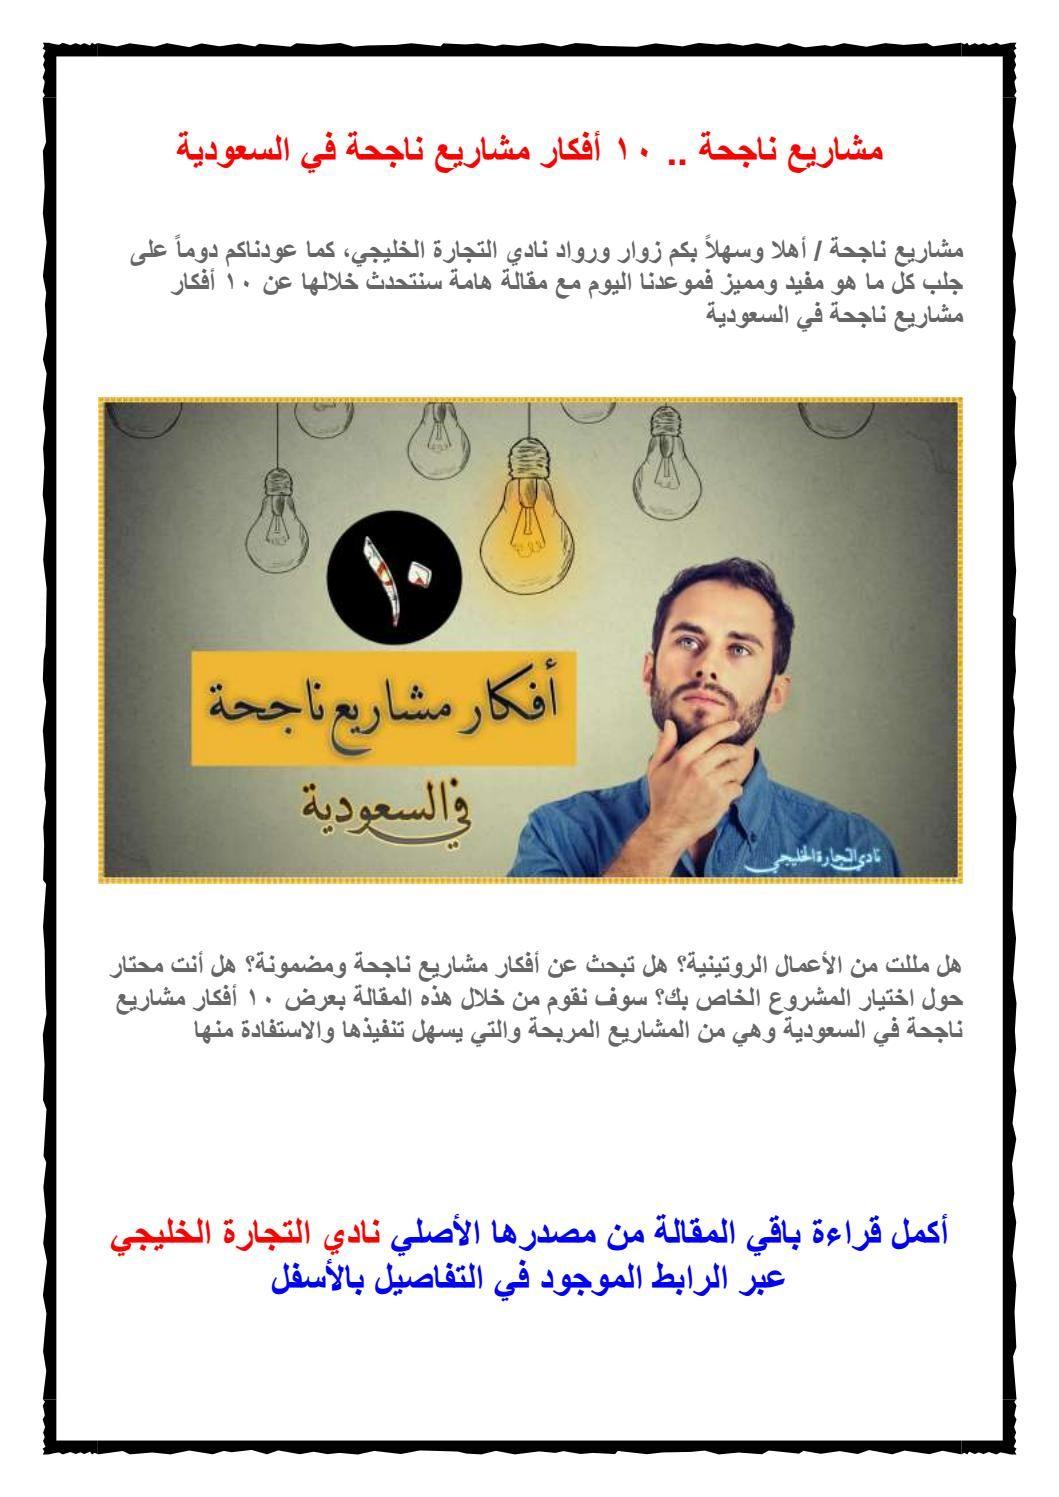 مشاريع ناجحة 10 أفكار مشاريع ناجحة في السعودية Microsoft Word Document Words Cards